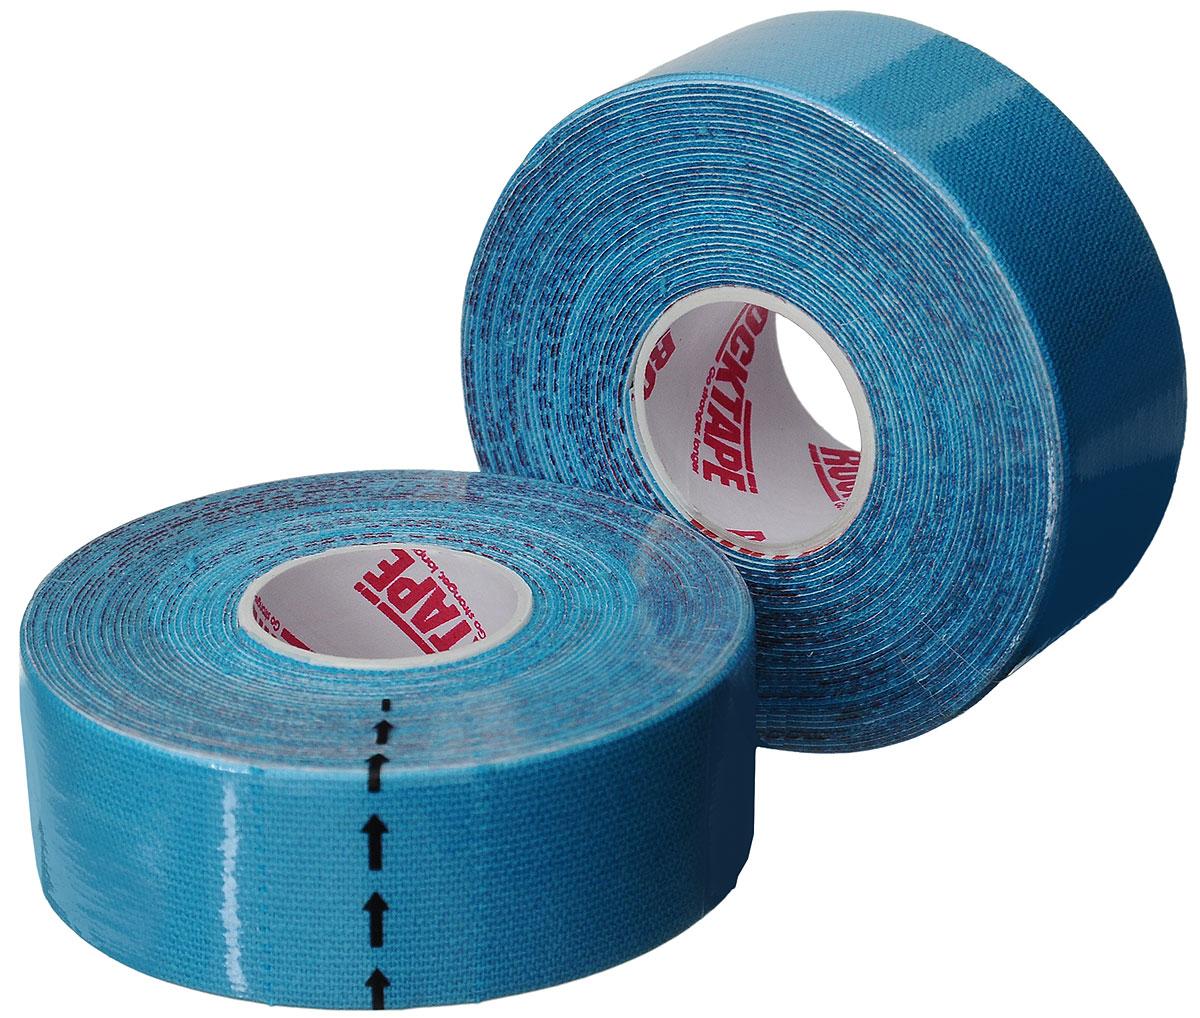 Кинезиотейп Rocktape Digit, цвет: голубой, 2,5 x 500 см, 2 штRCT100-BL-DTКинезиотейп Rocktape Digit, выполненный из хлопка и нейлона, предназначен для снятия отеков и рассасывания гематом. Уменьшает мышечную усталость и способствует притоку крови для более быстрого восстановления. Изделие имеет плотную волнообразную структуру ткани, водостойкий. Кинезиотейп носится до 5 дней, не теряя своих свойств. 180-190% эластичности.